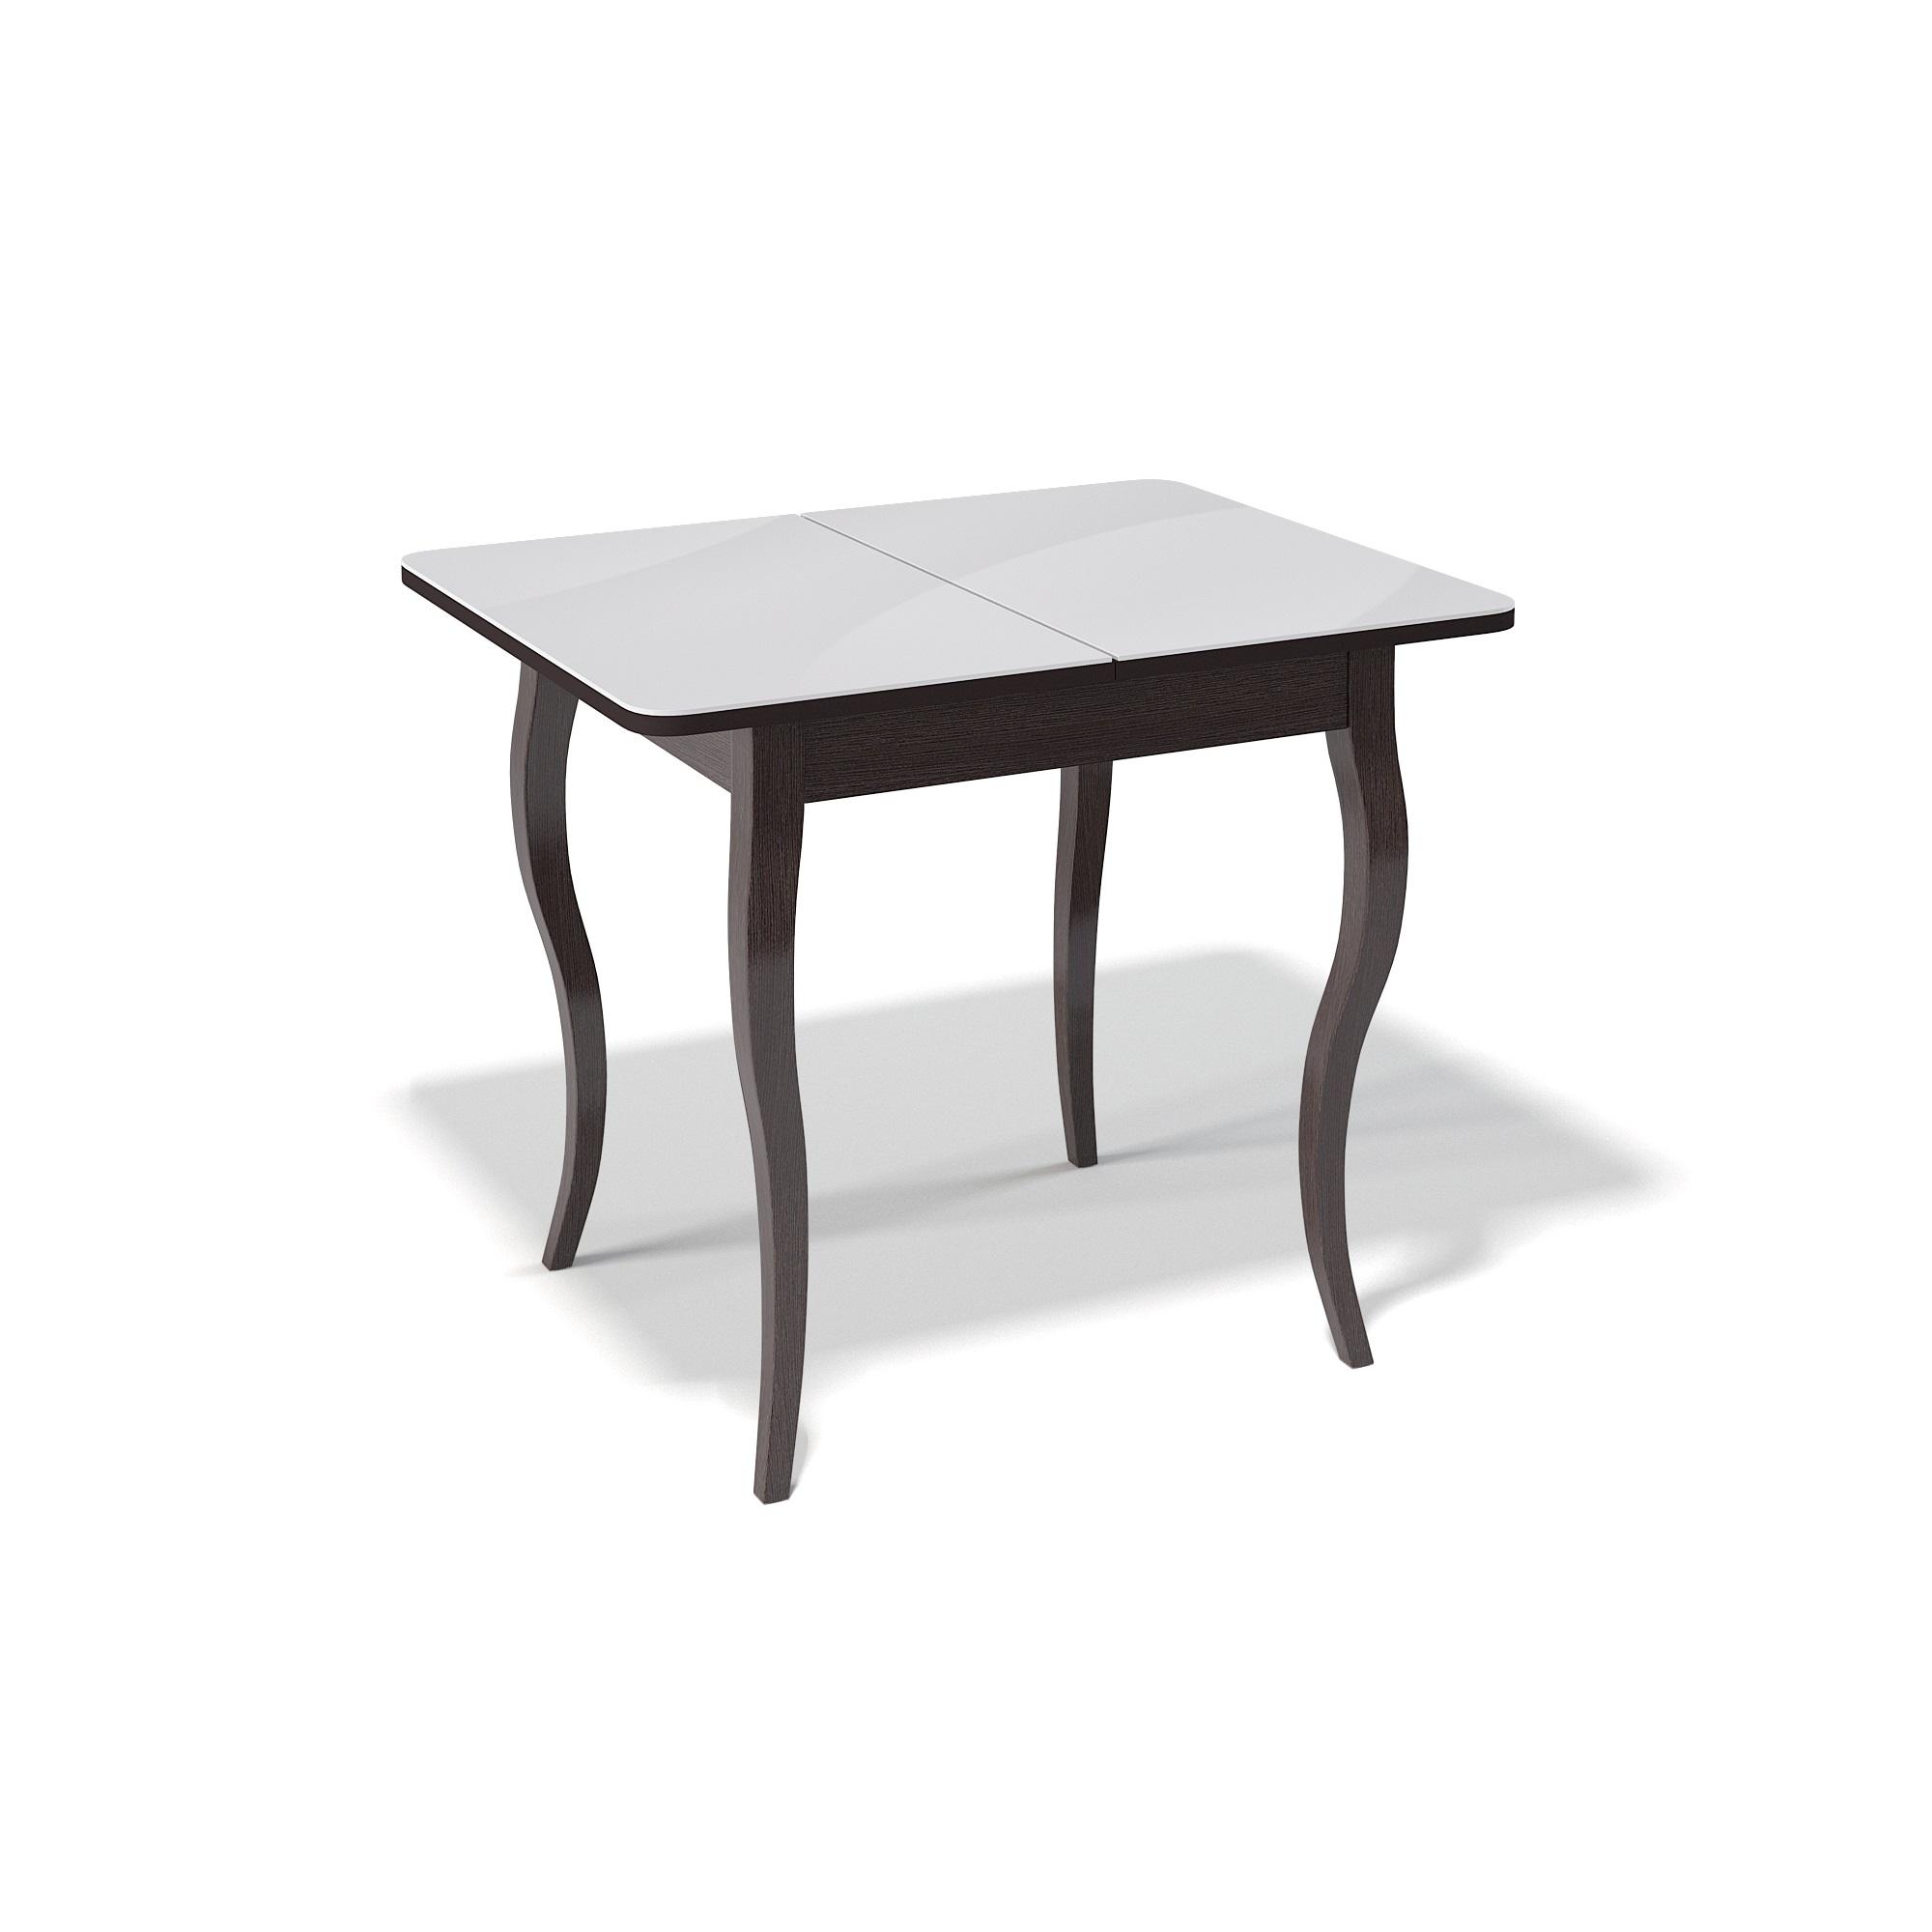 Стол обеденный KennerОбеденные столы<br>Ножки стола выполнены из массива бука, столешница - ДСП+стекло 4мм.&amp;amp;nbsp;&amp;lt;div&amp;gt;Механизм раскладки: синхронный, легкого скольжения.&amp;lt;/div&amp;gt;&amp;lt;div&amp;gt;На ножках установлены регулировочные винты.&amp;amp;nbsp;&amp;lt;/div&amp;gt;&amp;lt;div&amp;gt;Фурнитура в комплекте.&amp;amp;nbsp;&amp;lt;/div&amp;gt;&amp;lt;div&amp;gt;Стол раскладной,вставка &amp;quot;бабочка&amp;quot; со стеклом.&amp;amp;nbsp;&amp;lt;/div&amp;gt;&amp;lt;div&amp;gt;Размер столешницы в разложенном виде: 120х70 см. &amp;lt;/div&amp;gt;<br><br>Material: Дерево<br>Width см: 90<br>Depth см: 70<br>Height см: 75